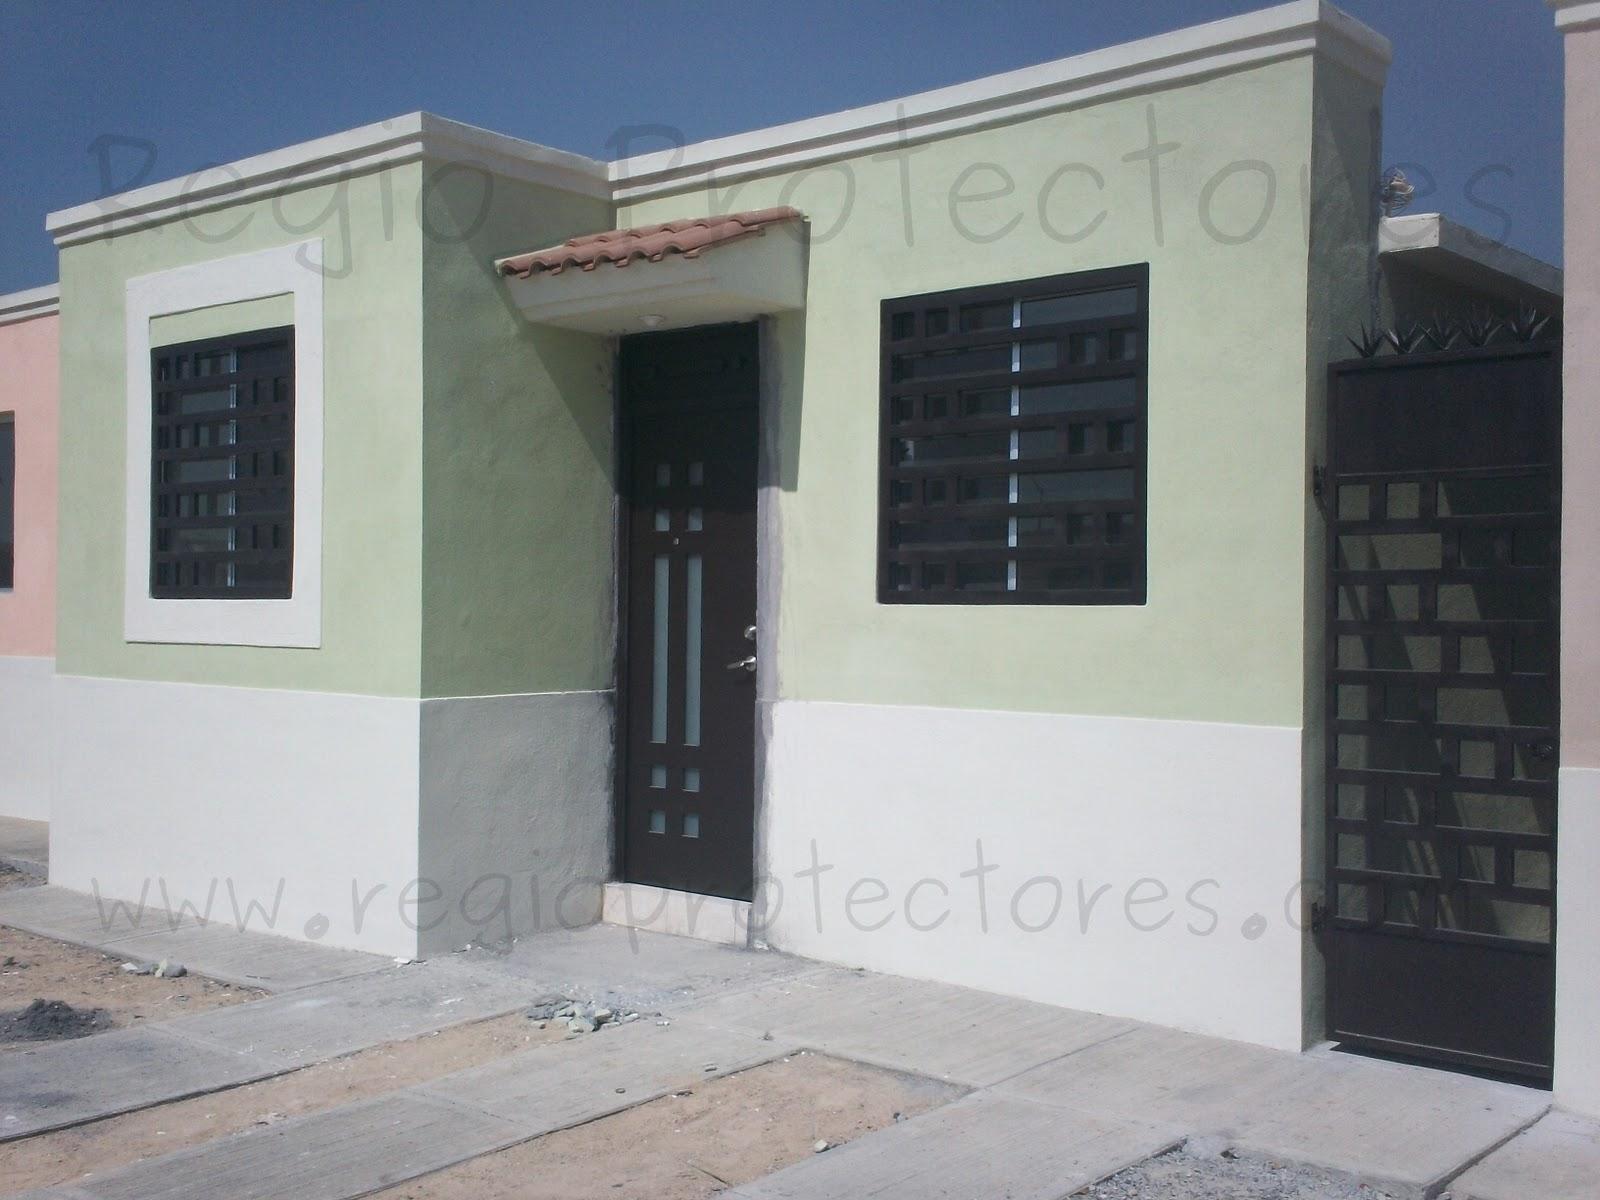 Protectores para ventanas y puerta principal contemporánea instalados